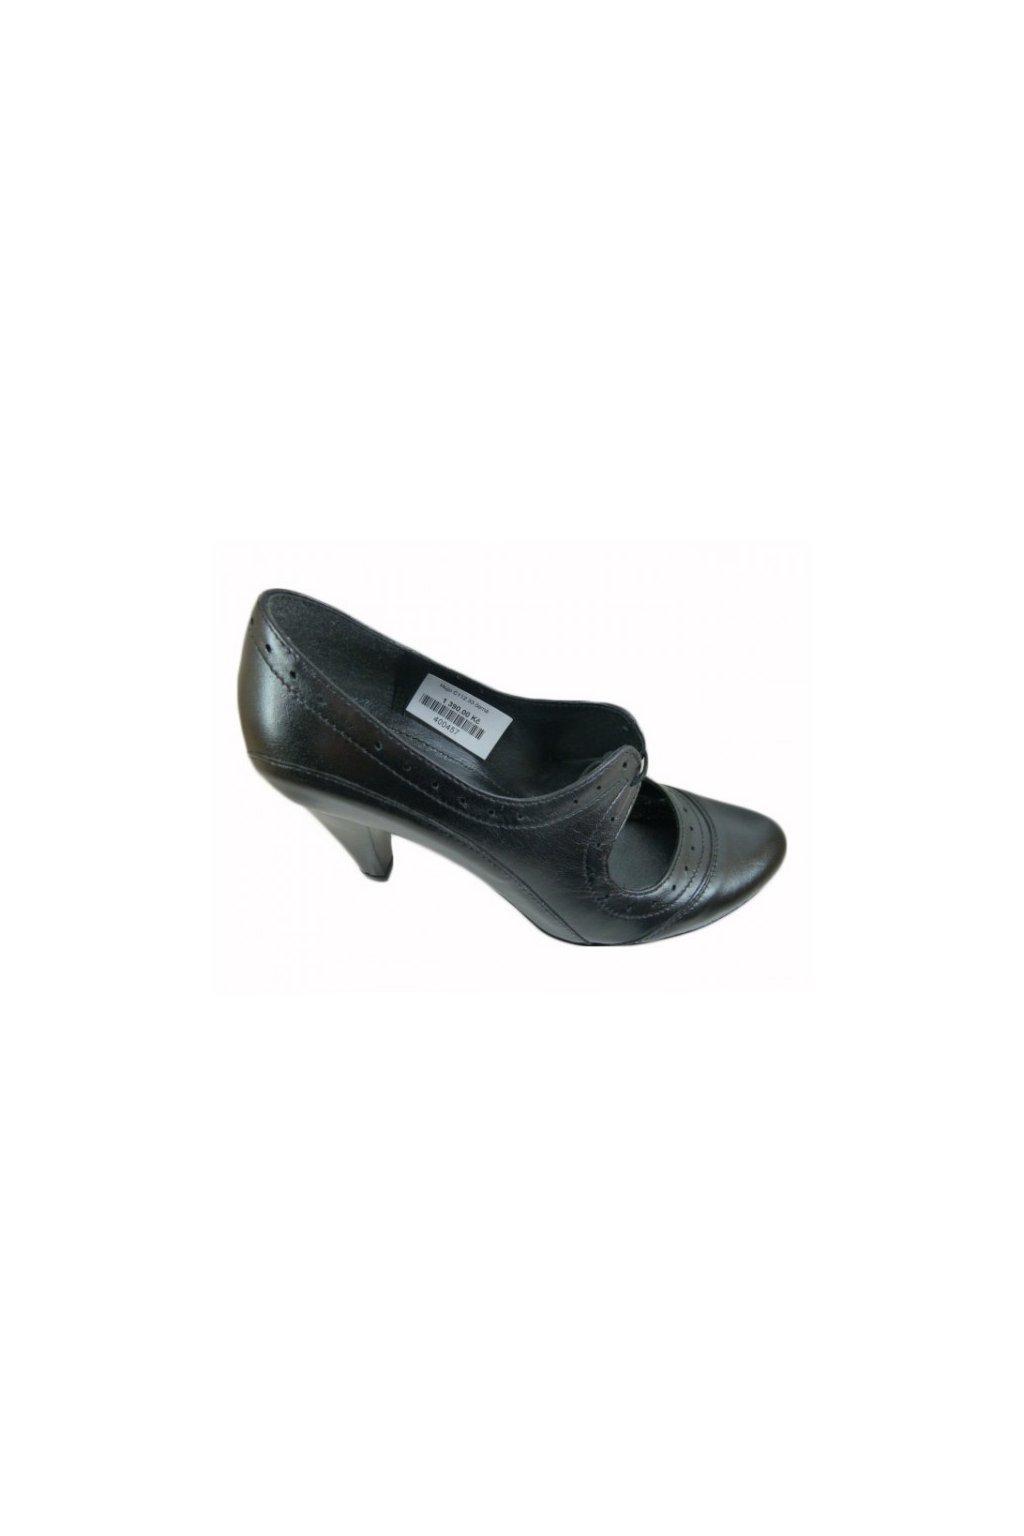 Podměrná dámská obuv Hujo C112